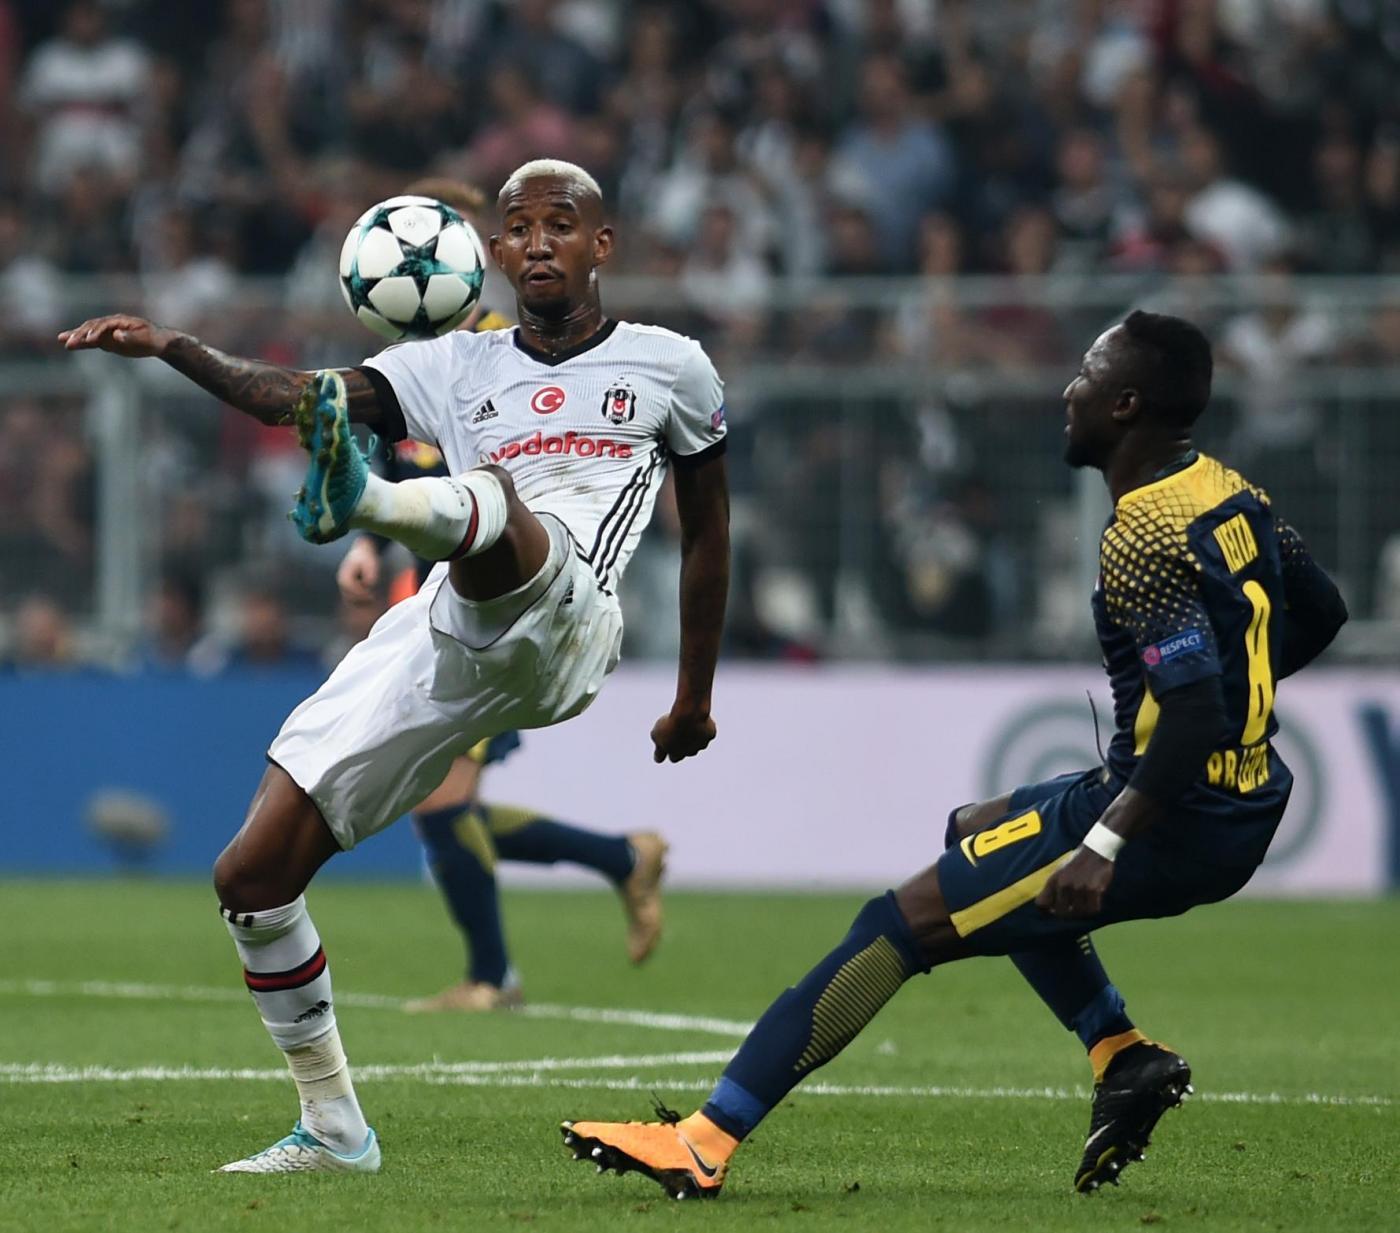 Rizespor-Besiktas 8 aprile: si gioca per la 27 esima giornata della Serie A della Turchia. Gli ospiti affrontano un duro ostacolo.